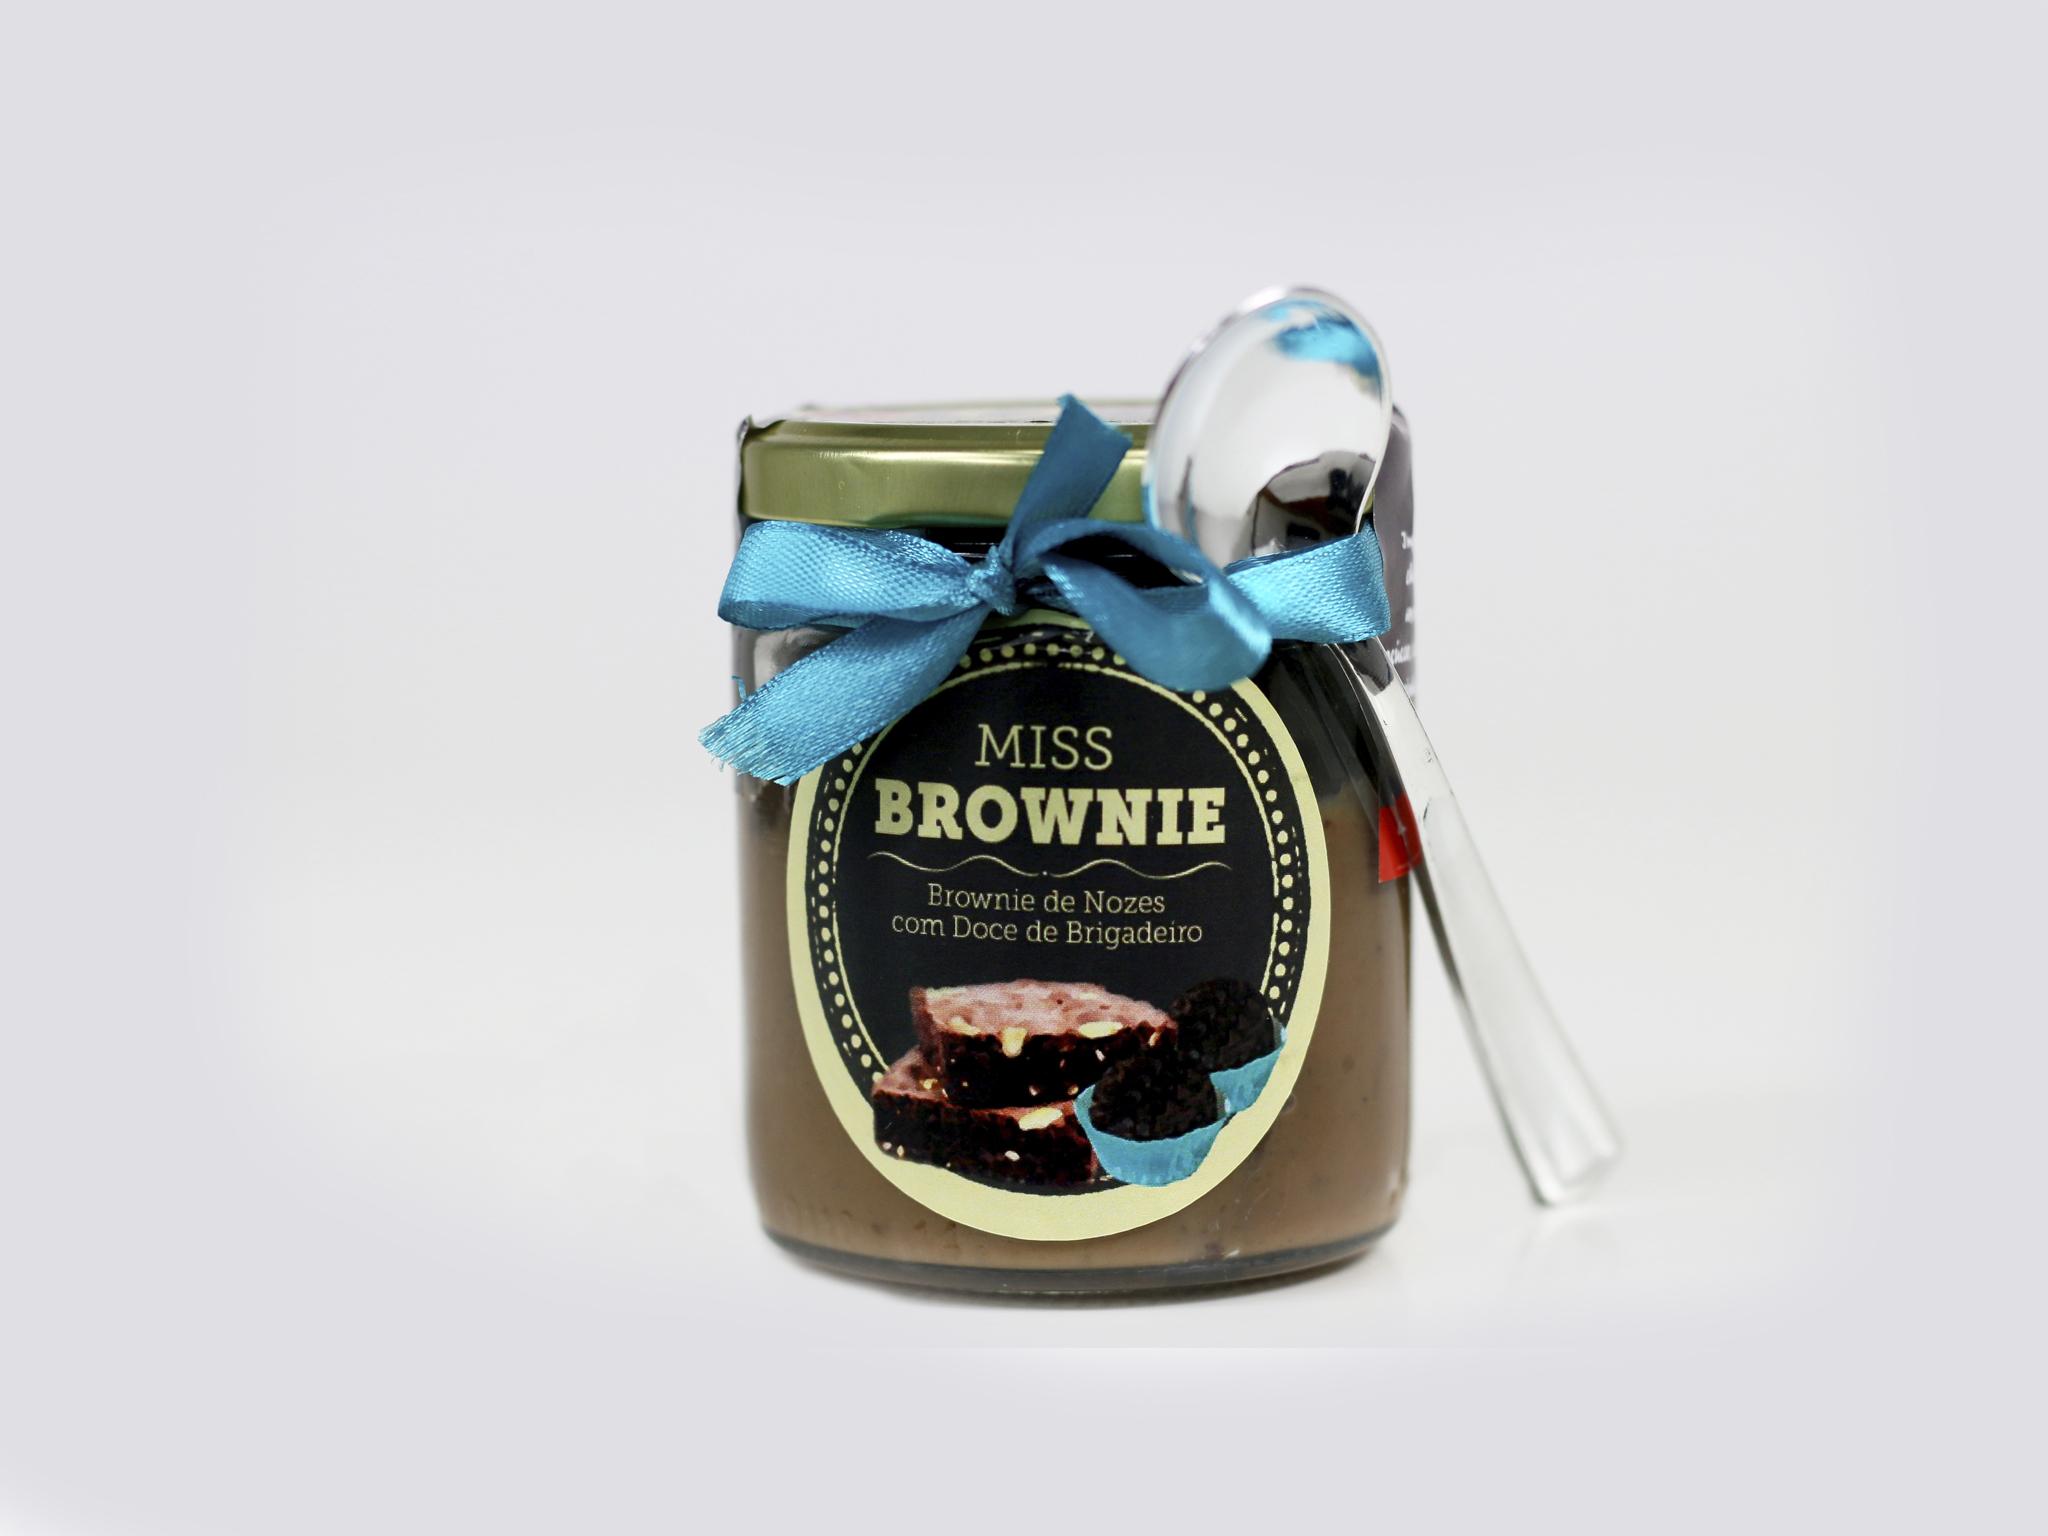 Uma receita de brownies da Miss